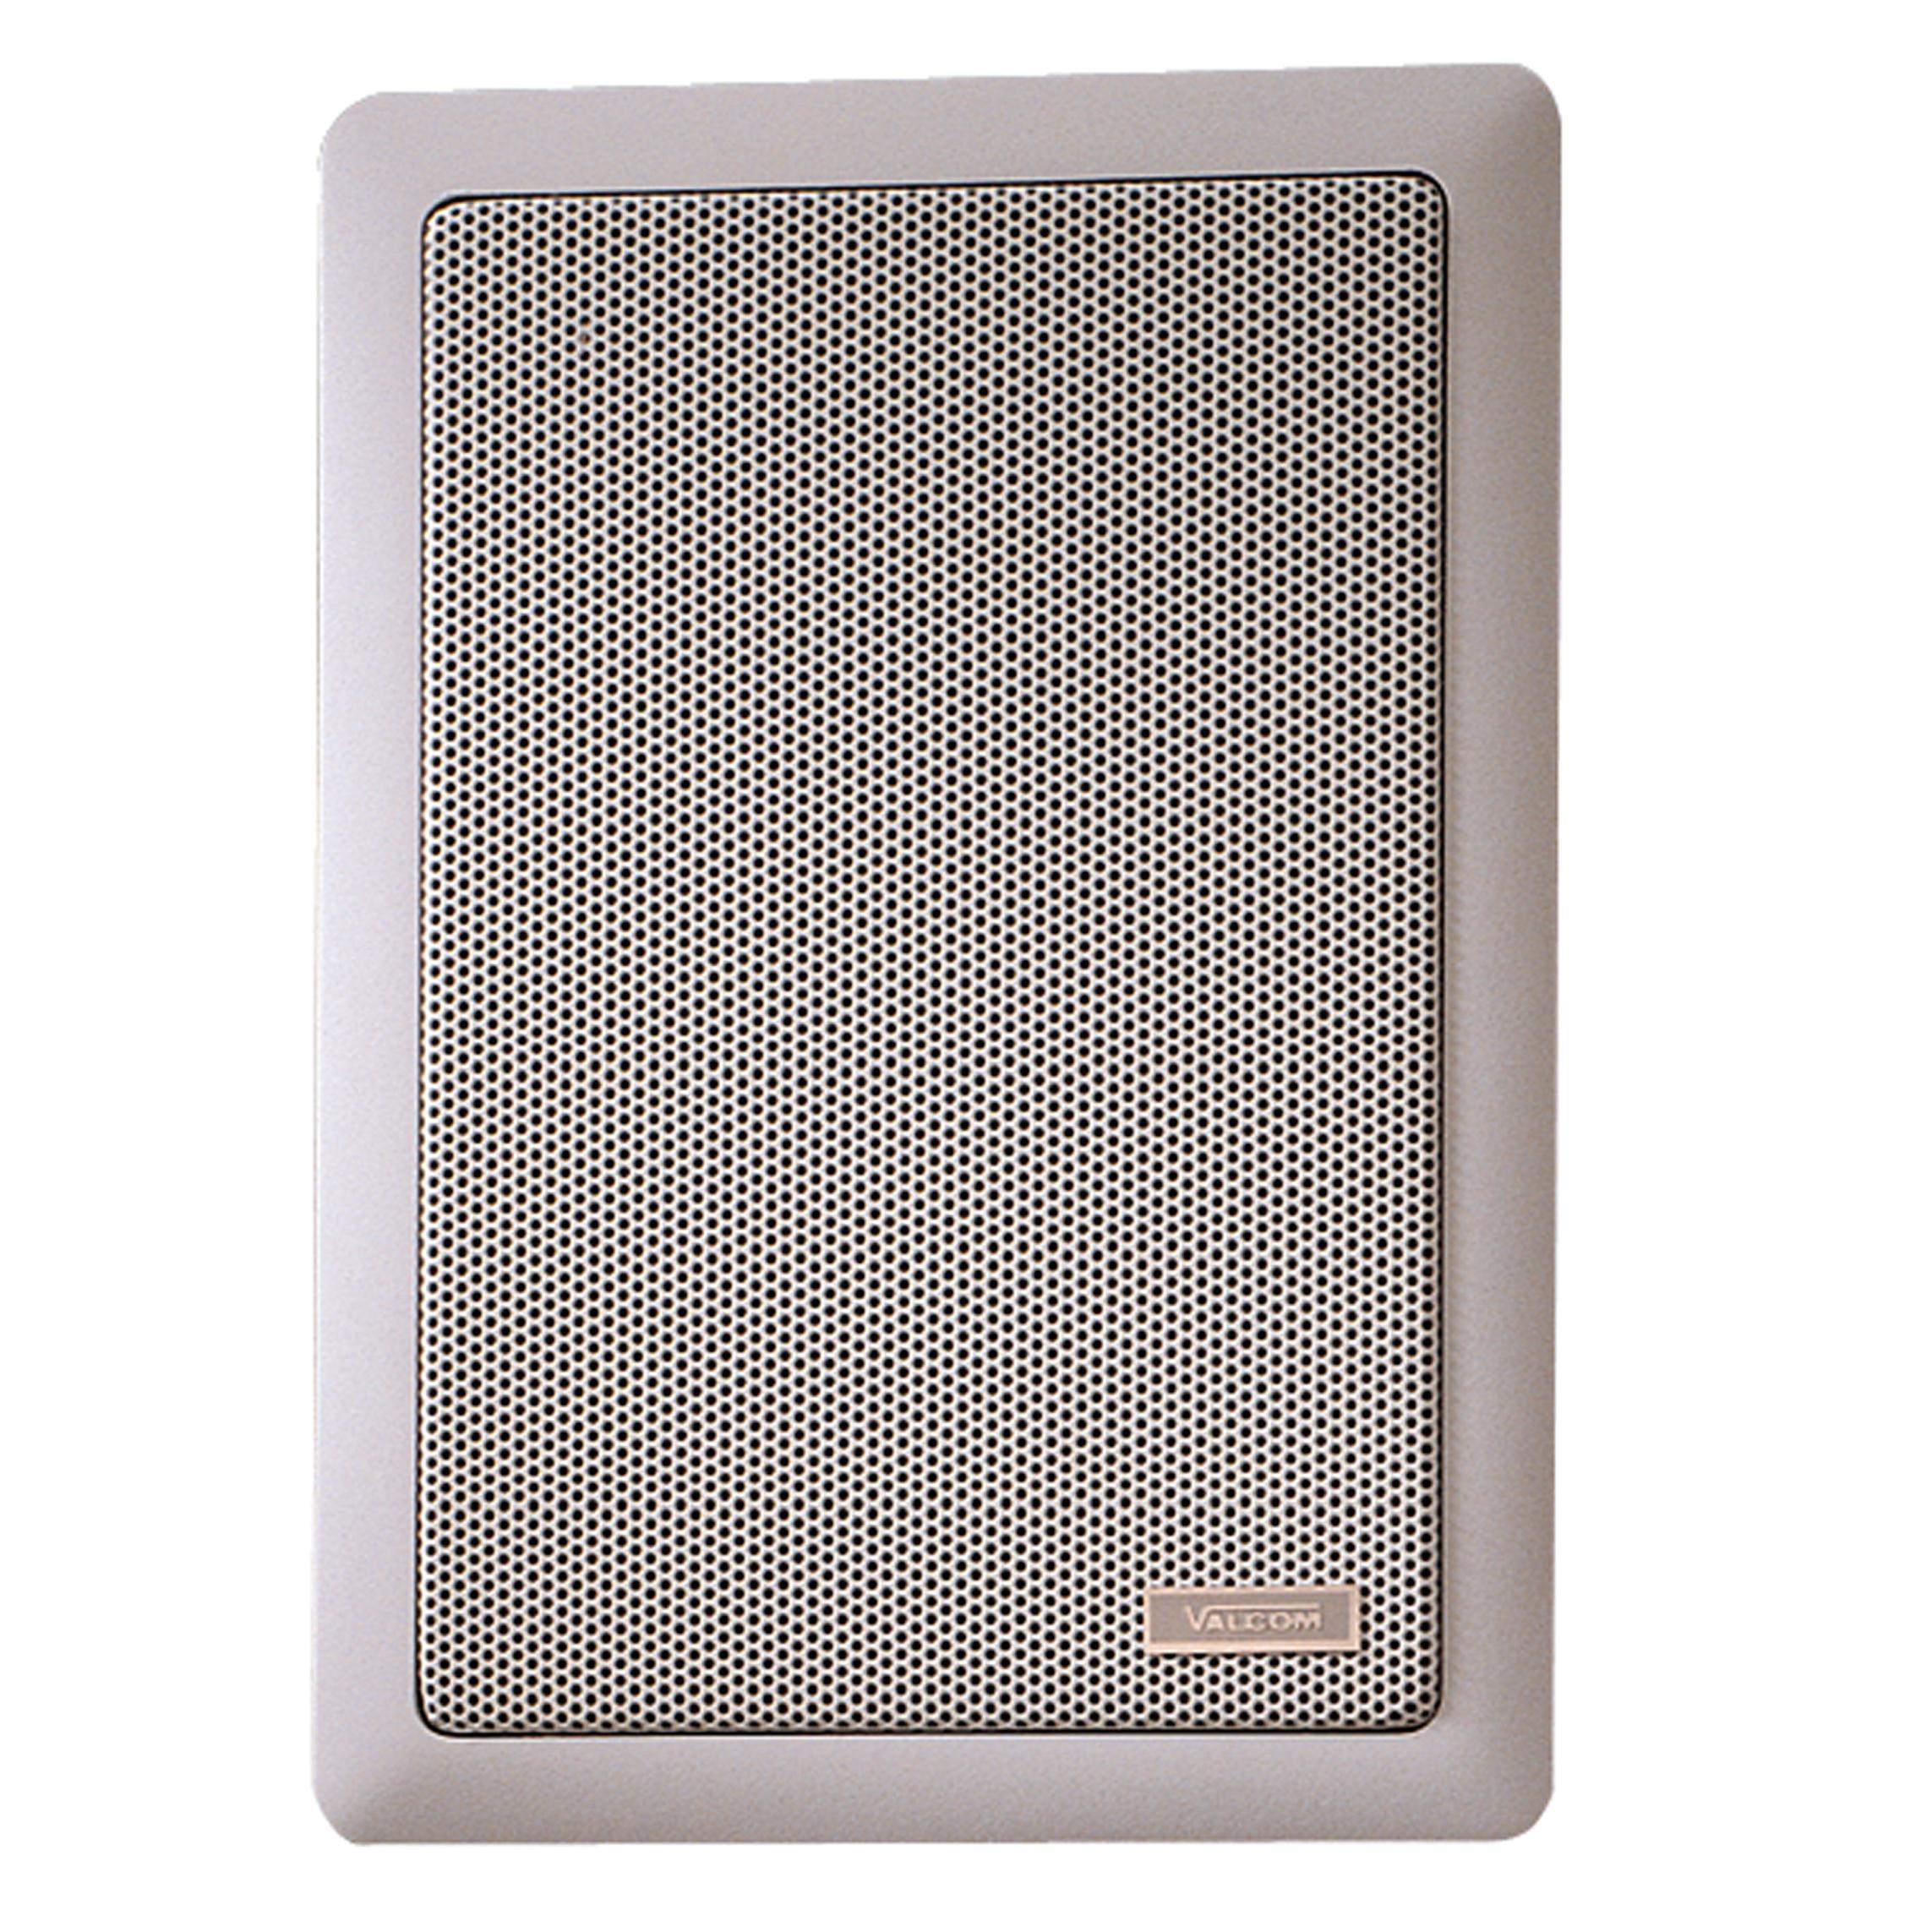 VALCOM V-1450 In-Wall Speaker